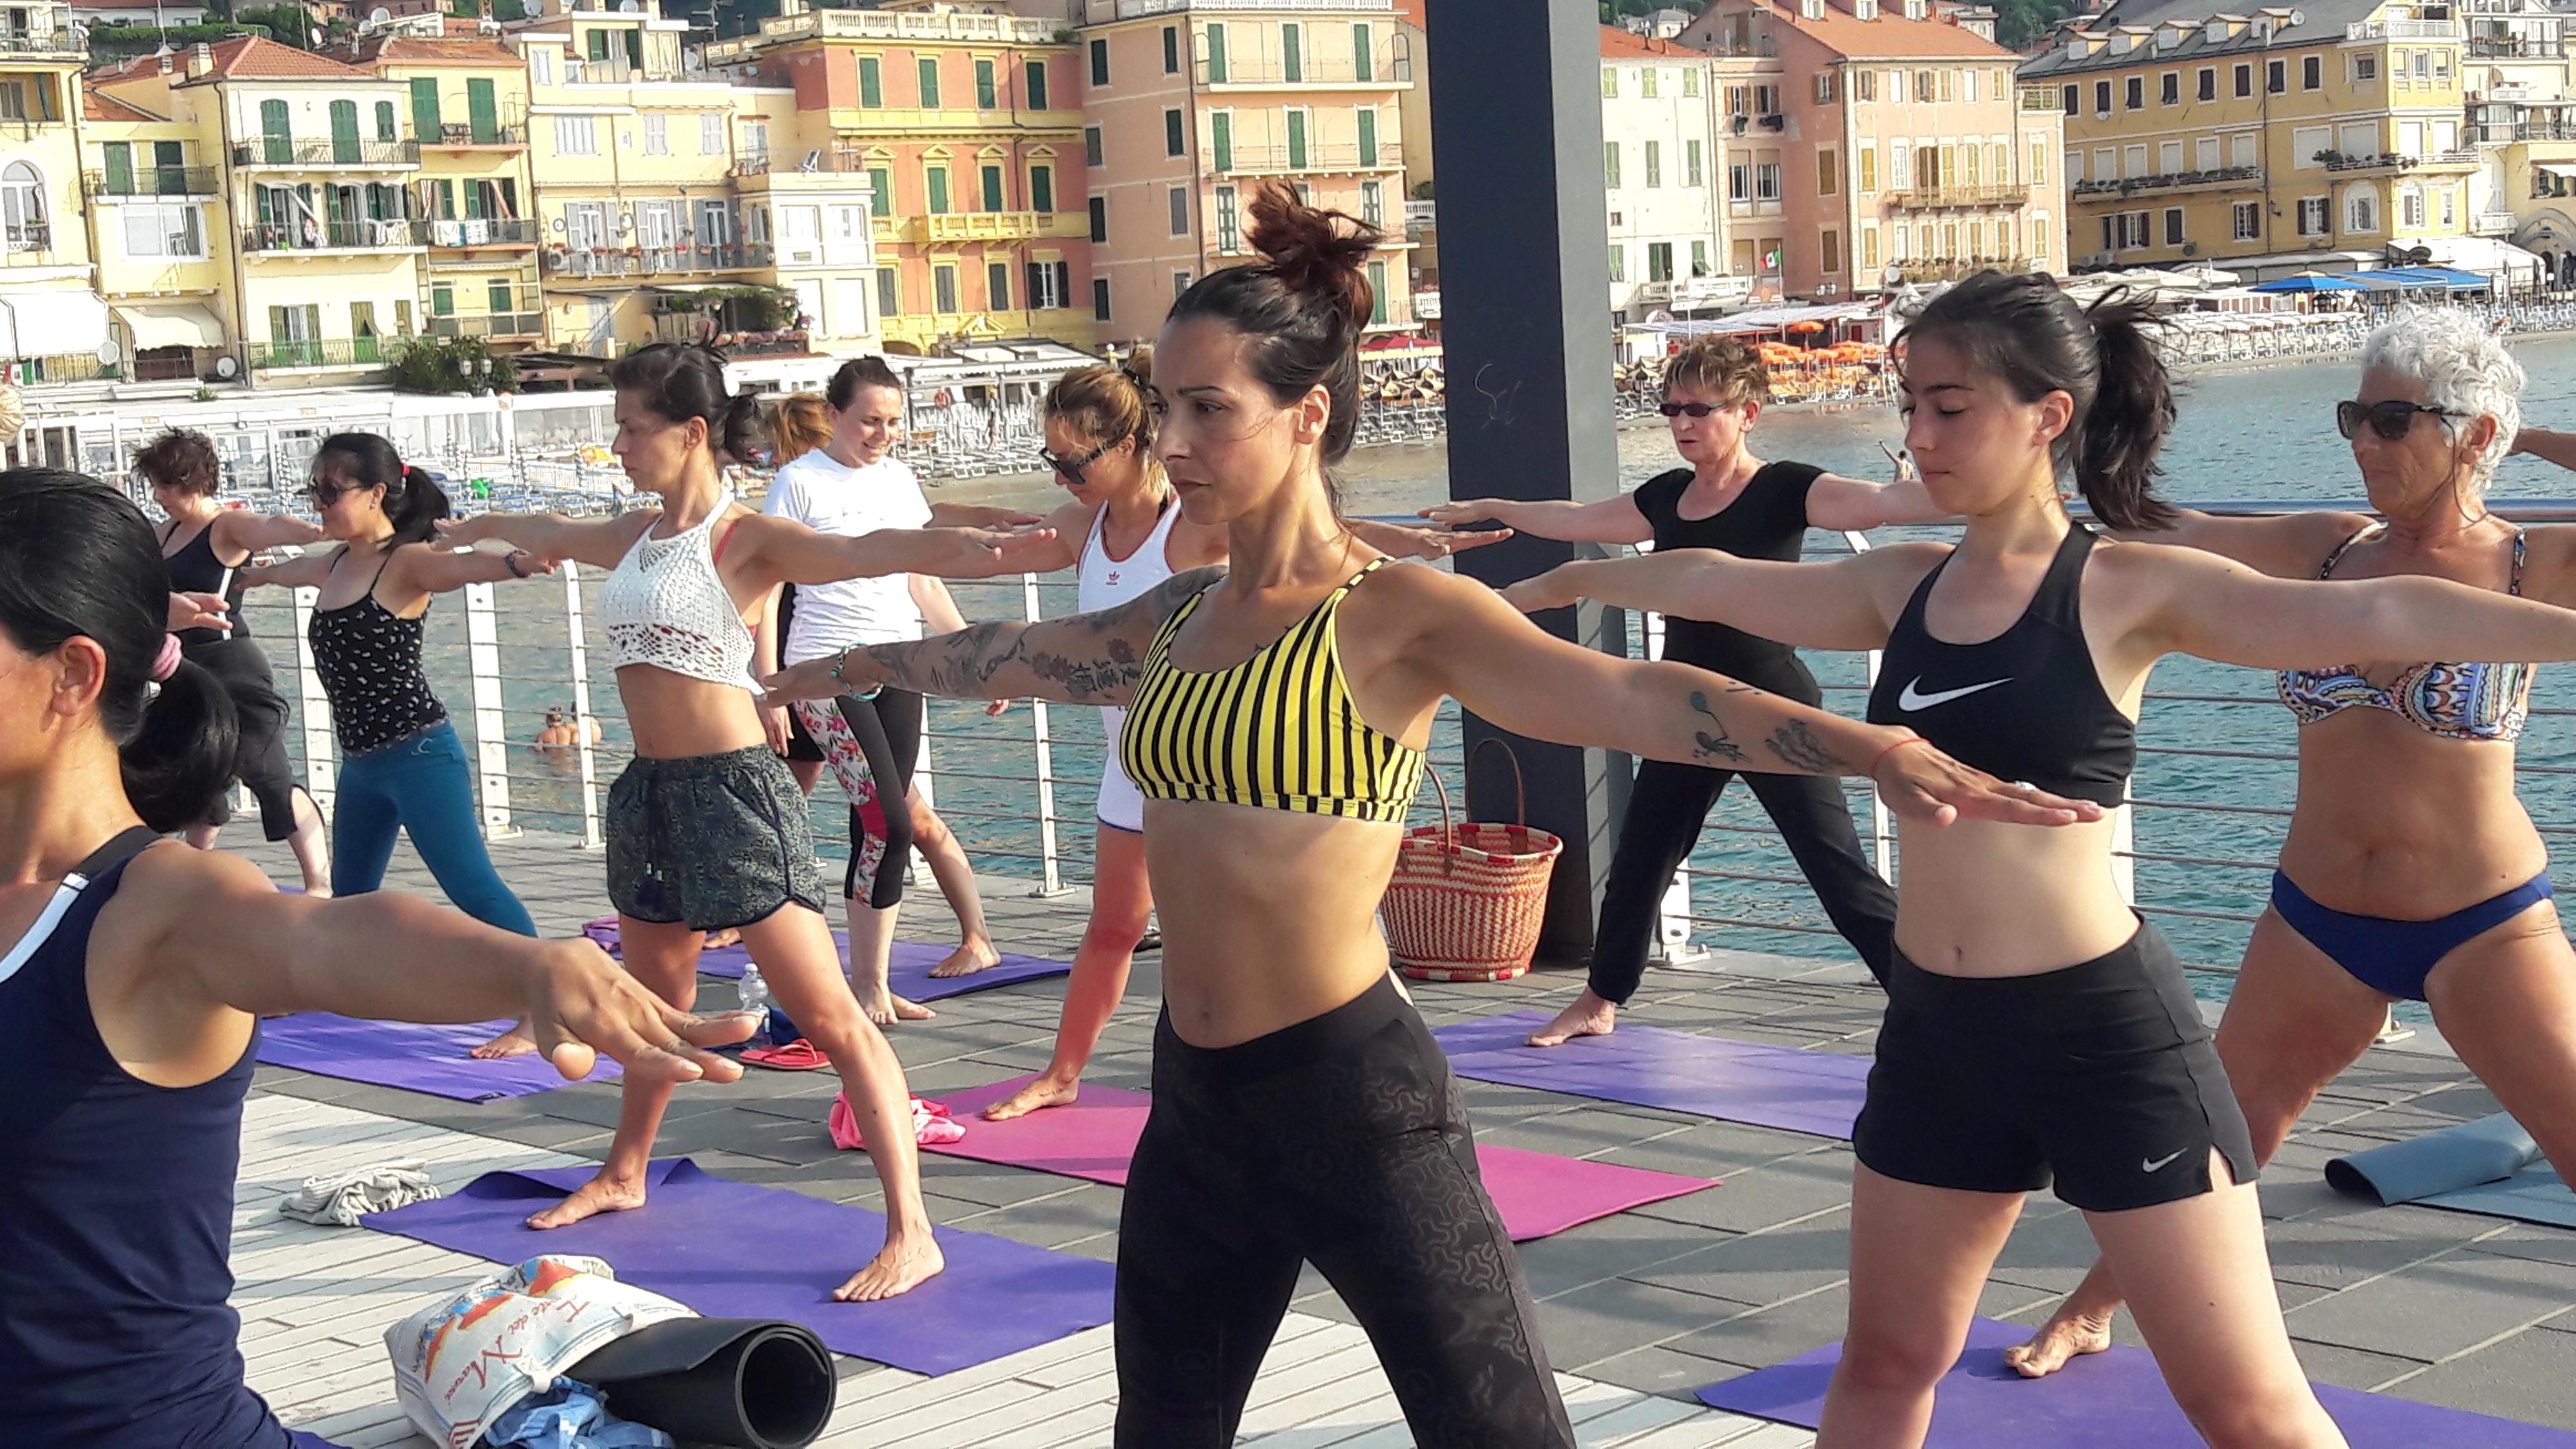 essere-free-yoga-gratuito-benessere-per-tutti-village-citta-alassio-estate-lucia-ragazzi-summer-town-wellness-025